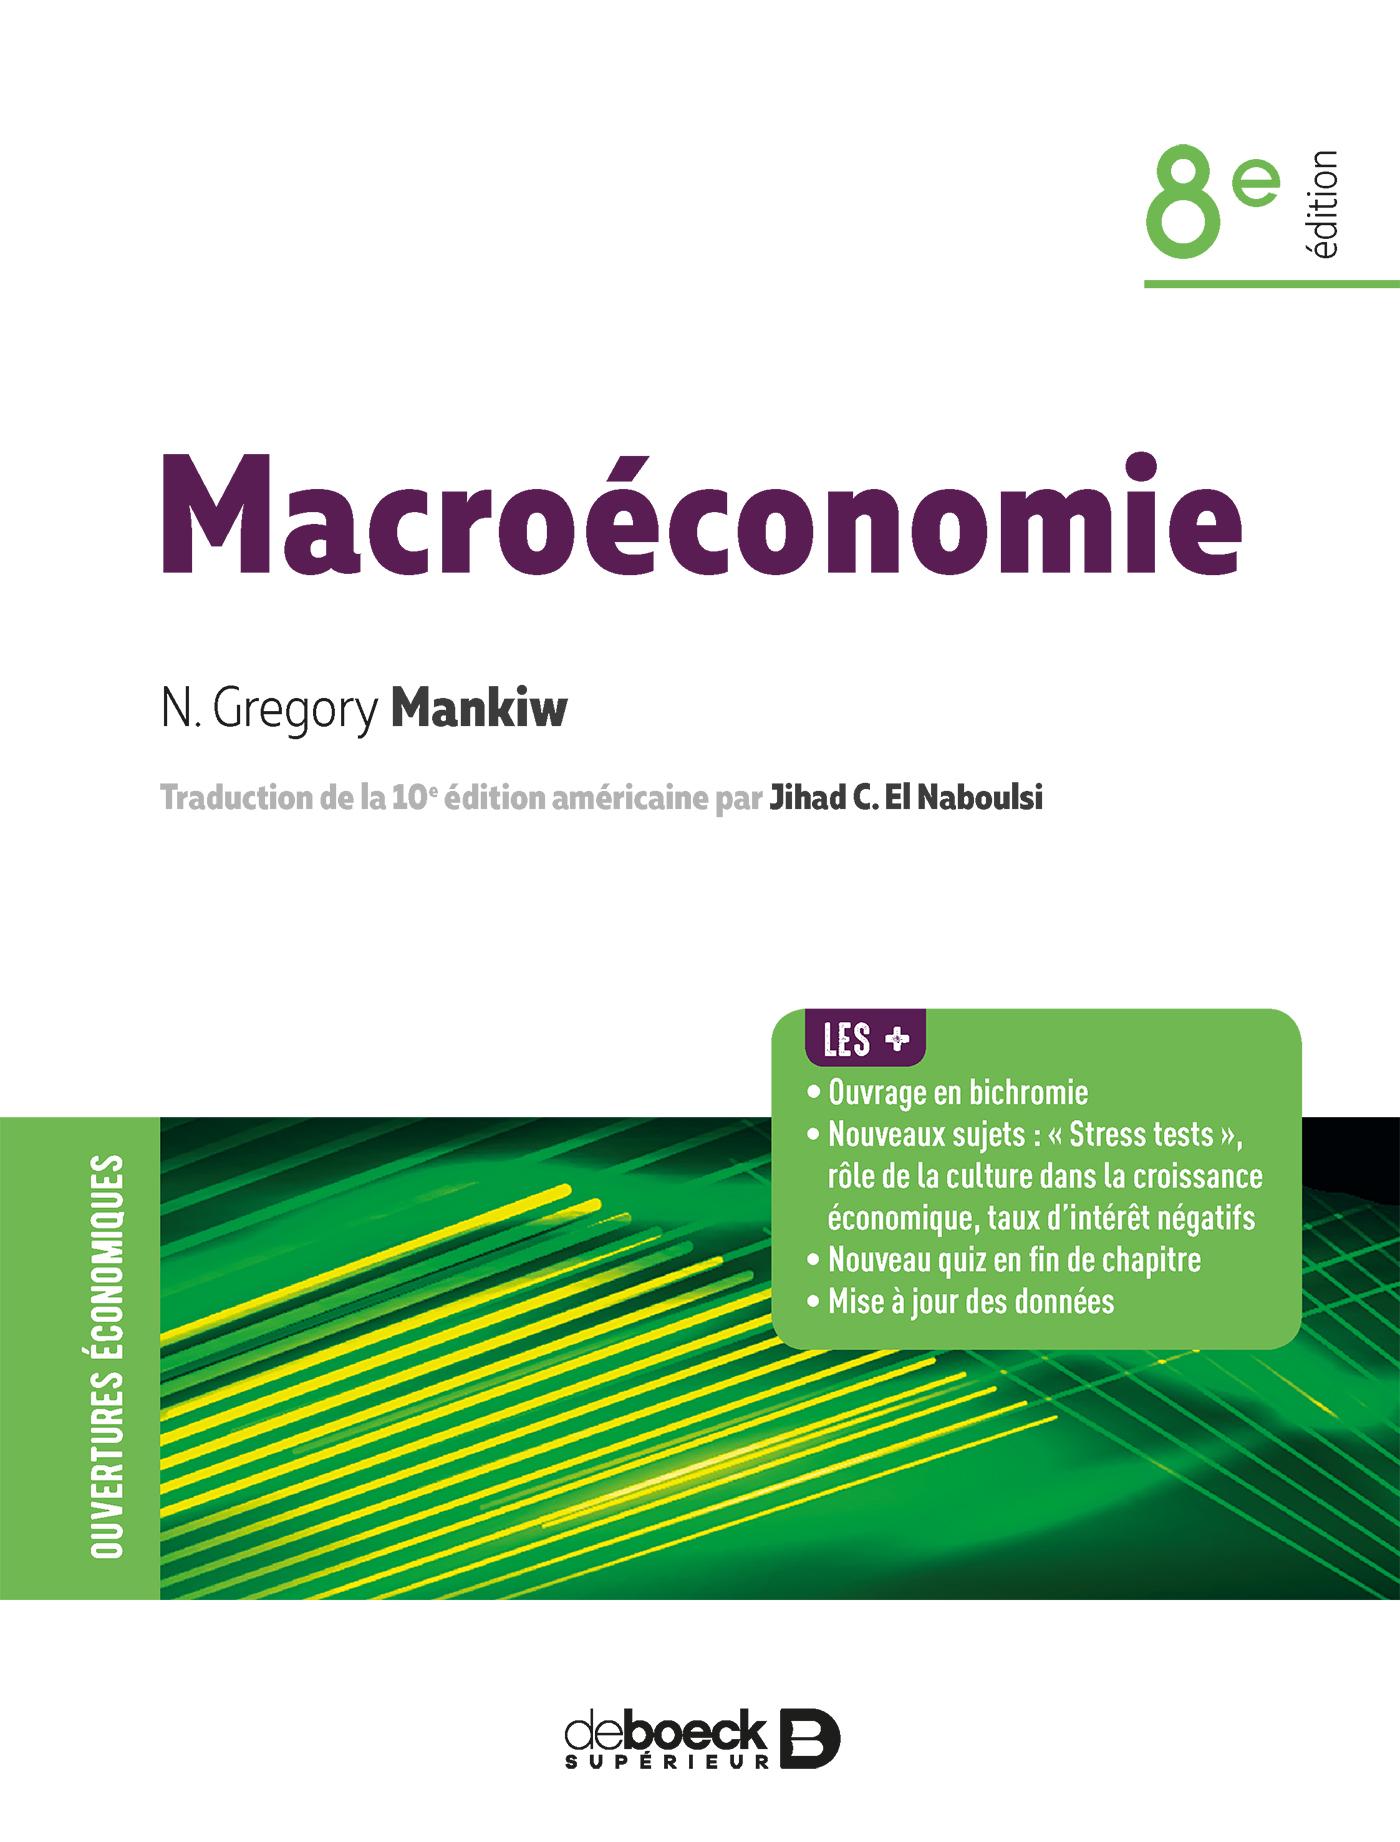 Macroeconomie Promoculture Librairie Technique Et Scientifique A Luxembourg